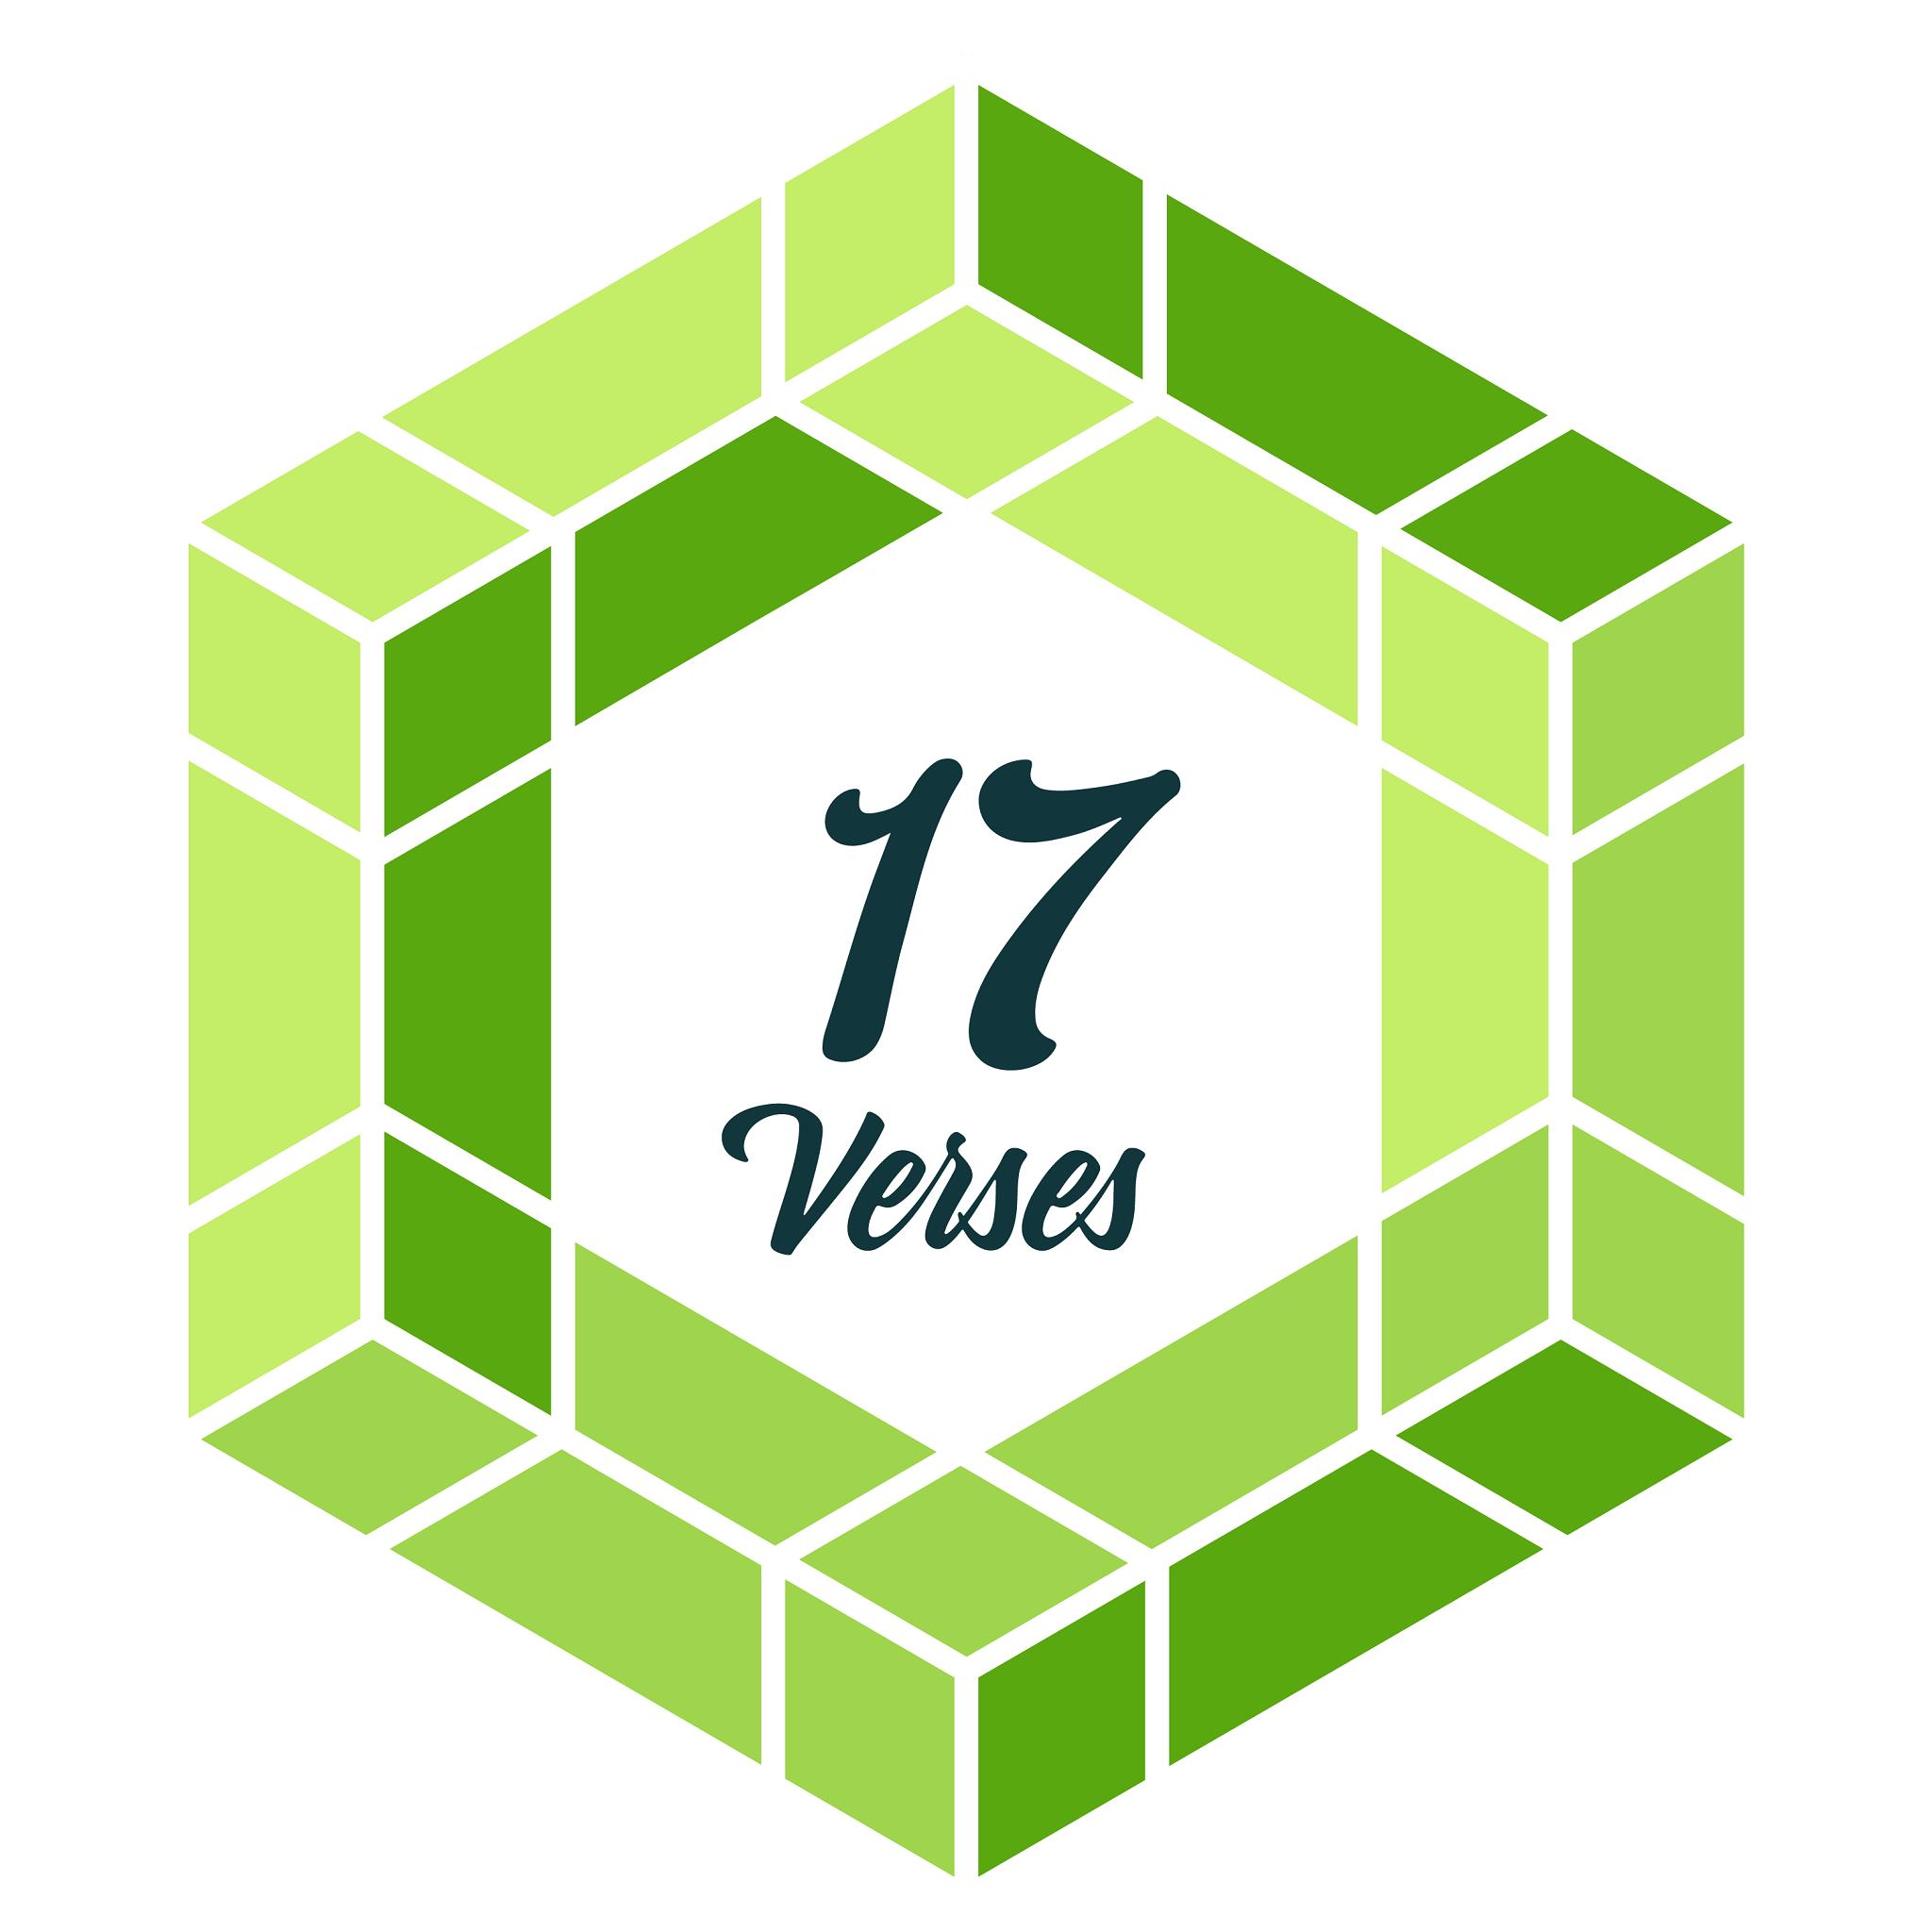 Year 2 - Surah 48 (Al-Fath), Verses 18-29